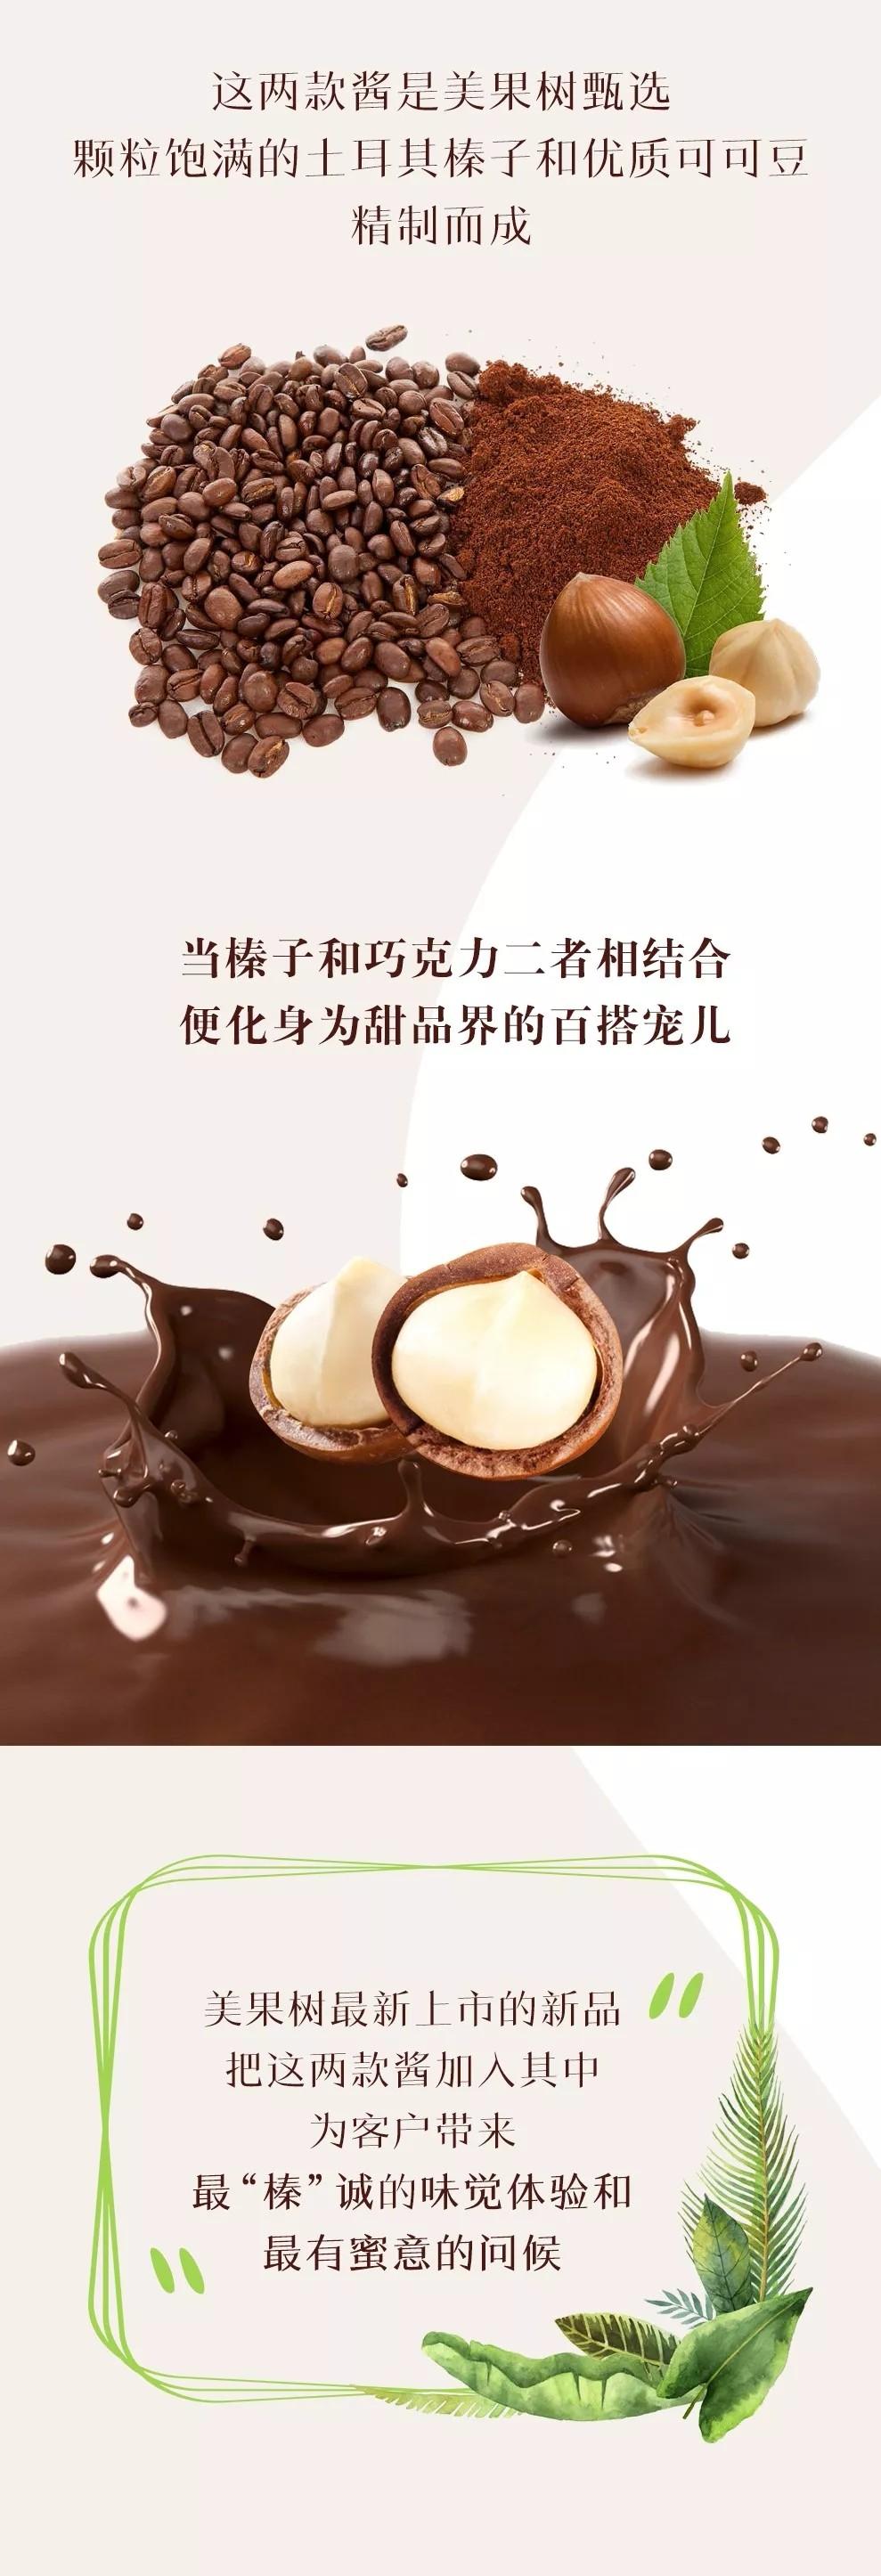 巧克力榛子酱